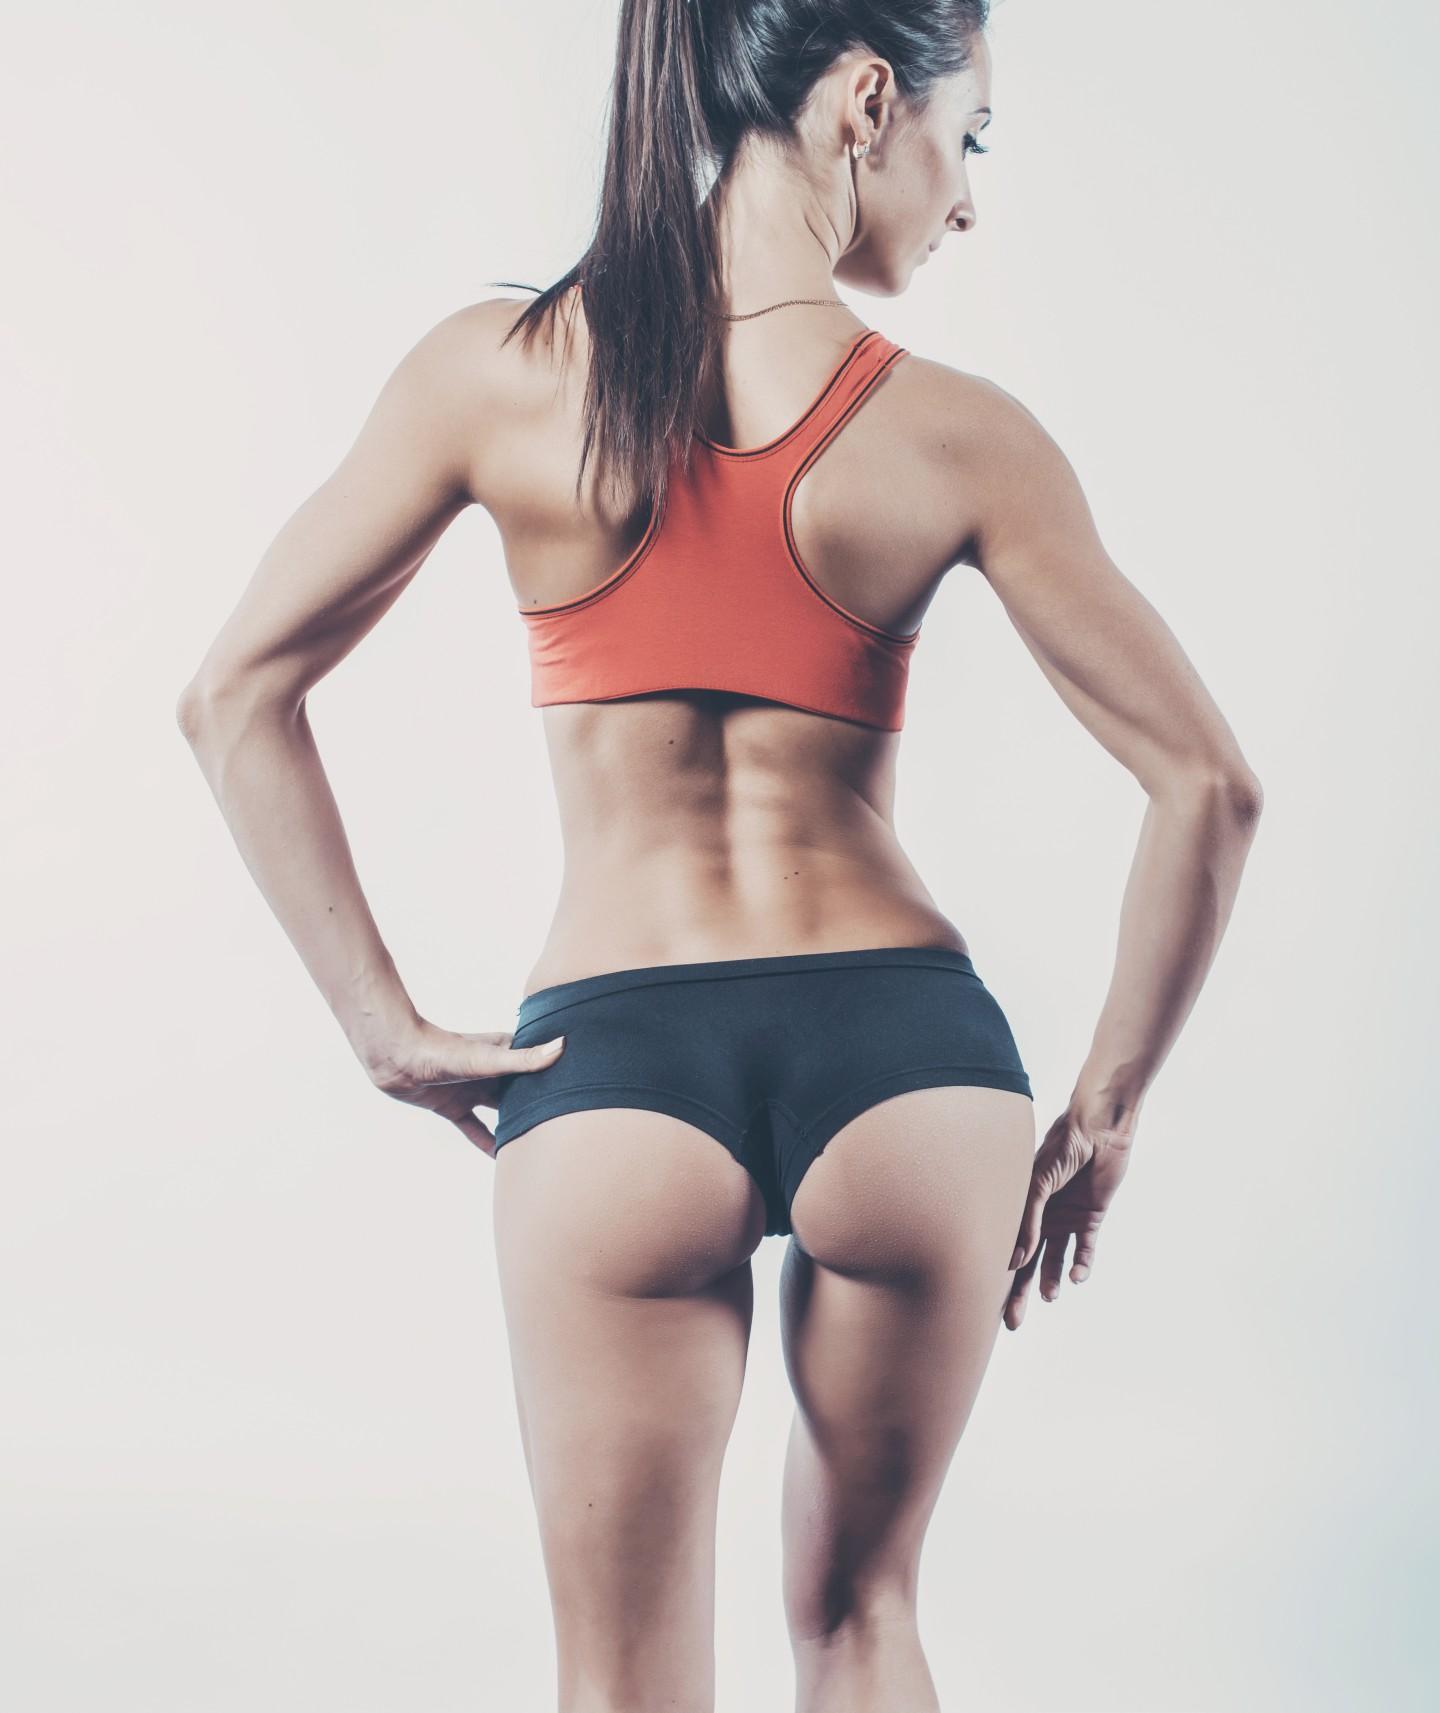 ćwiczenia na siłowni na schudnięcie